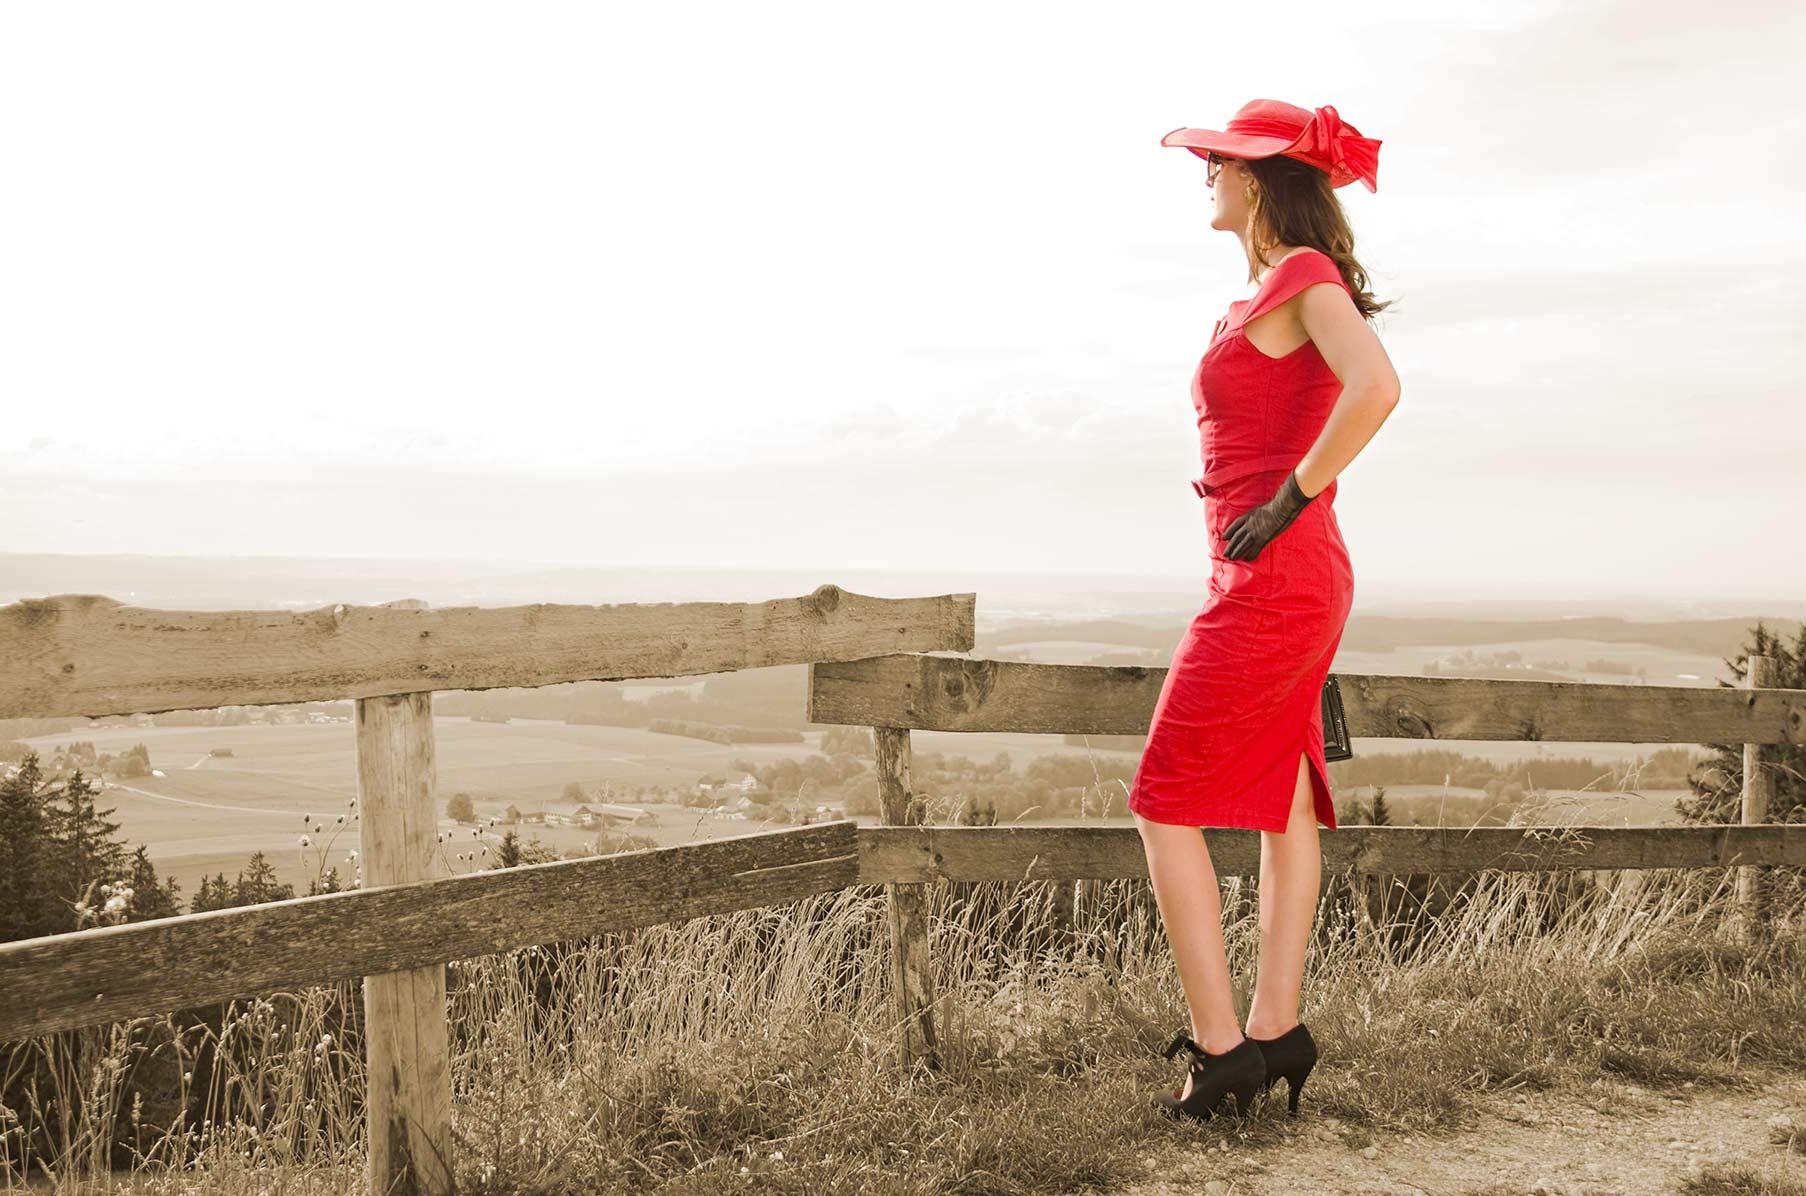 RetroCat im roten Kleid mit traumhaften Ausblick